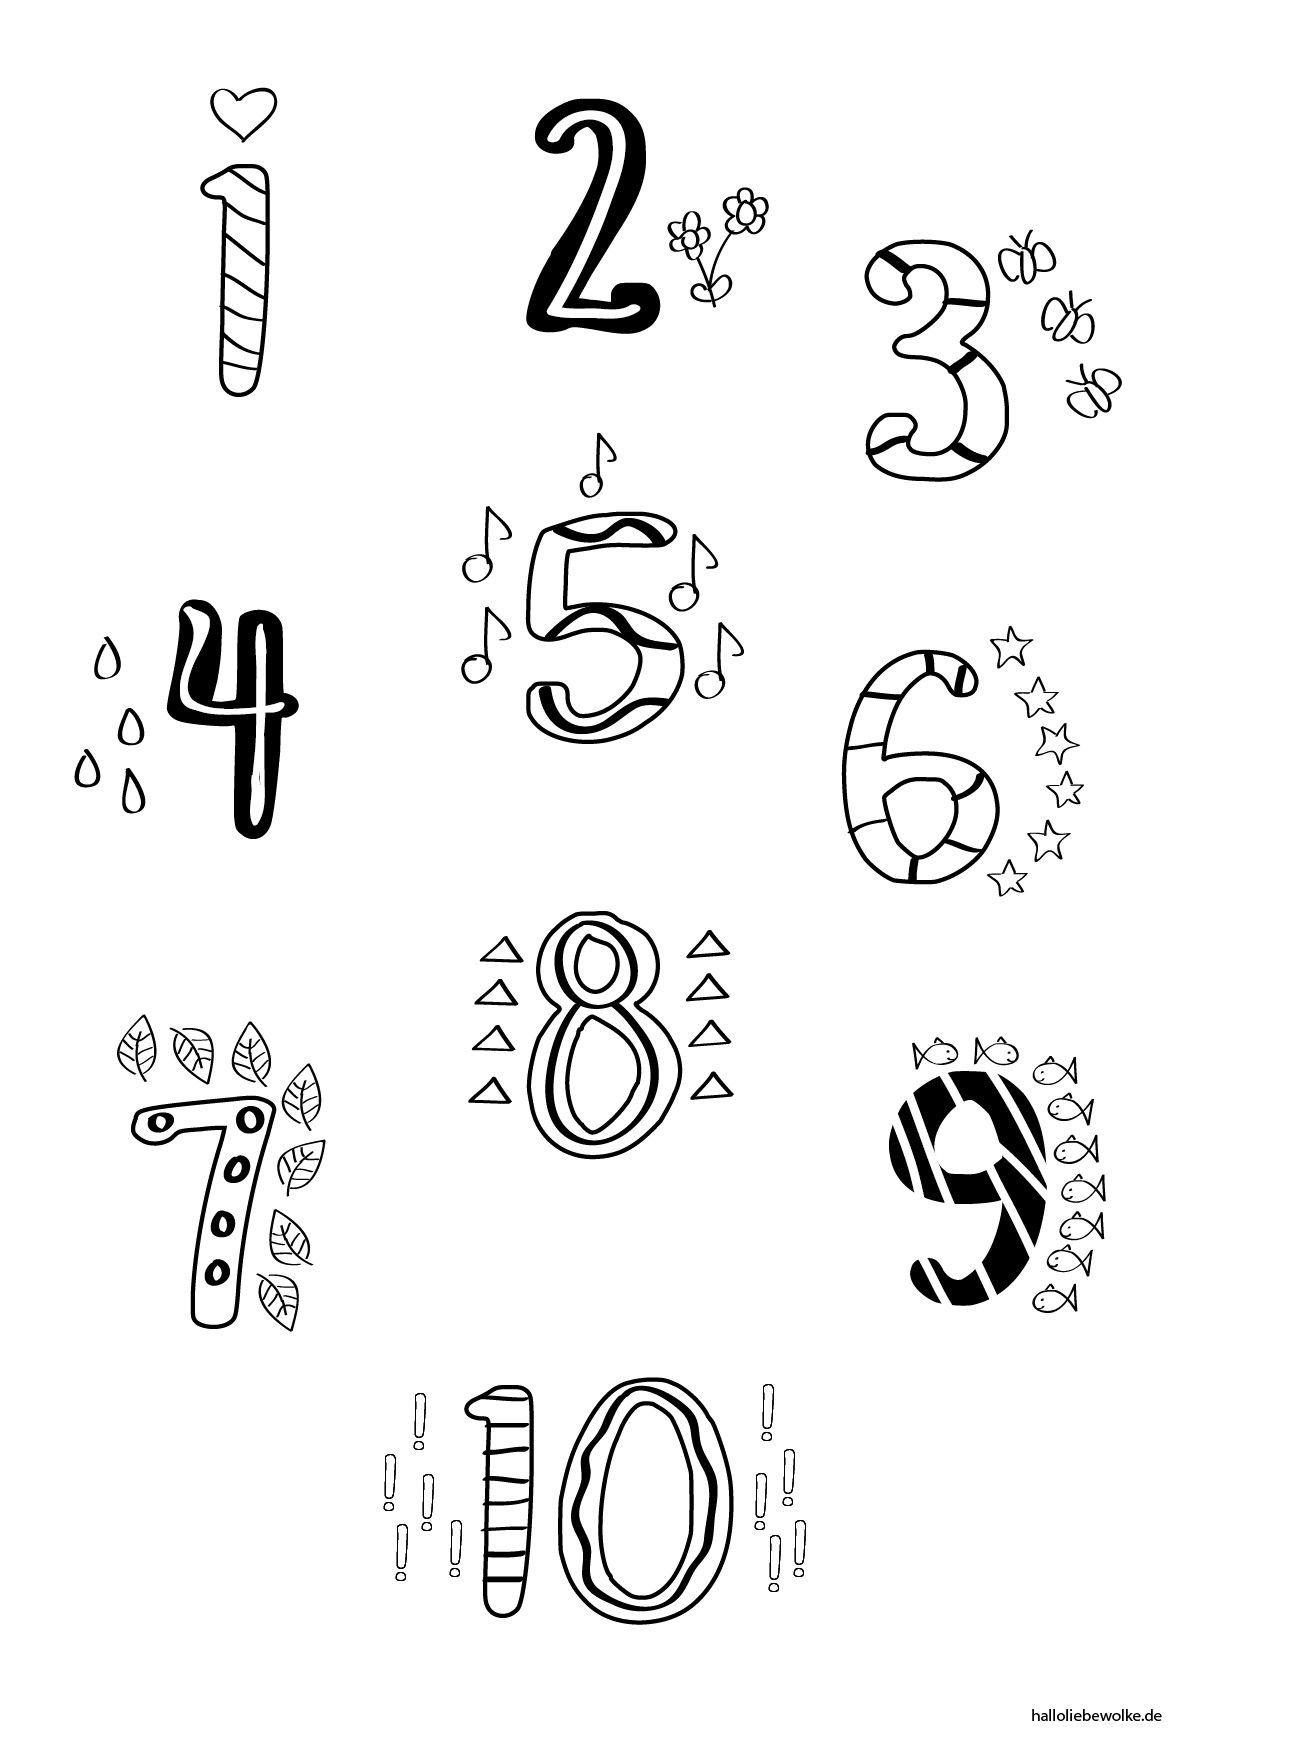 Malvorlagen Zahlen 1 10